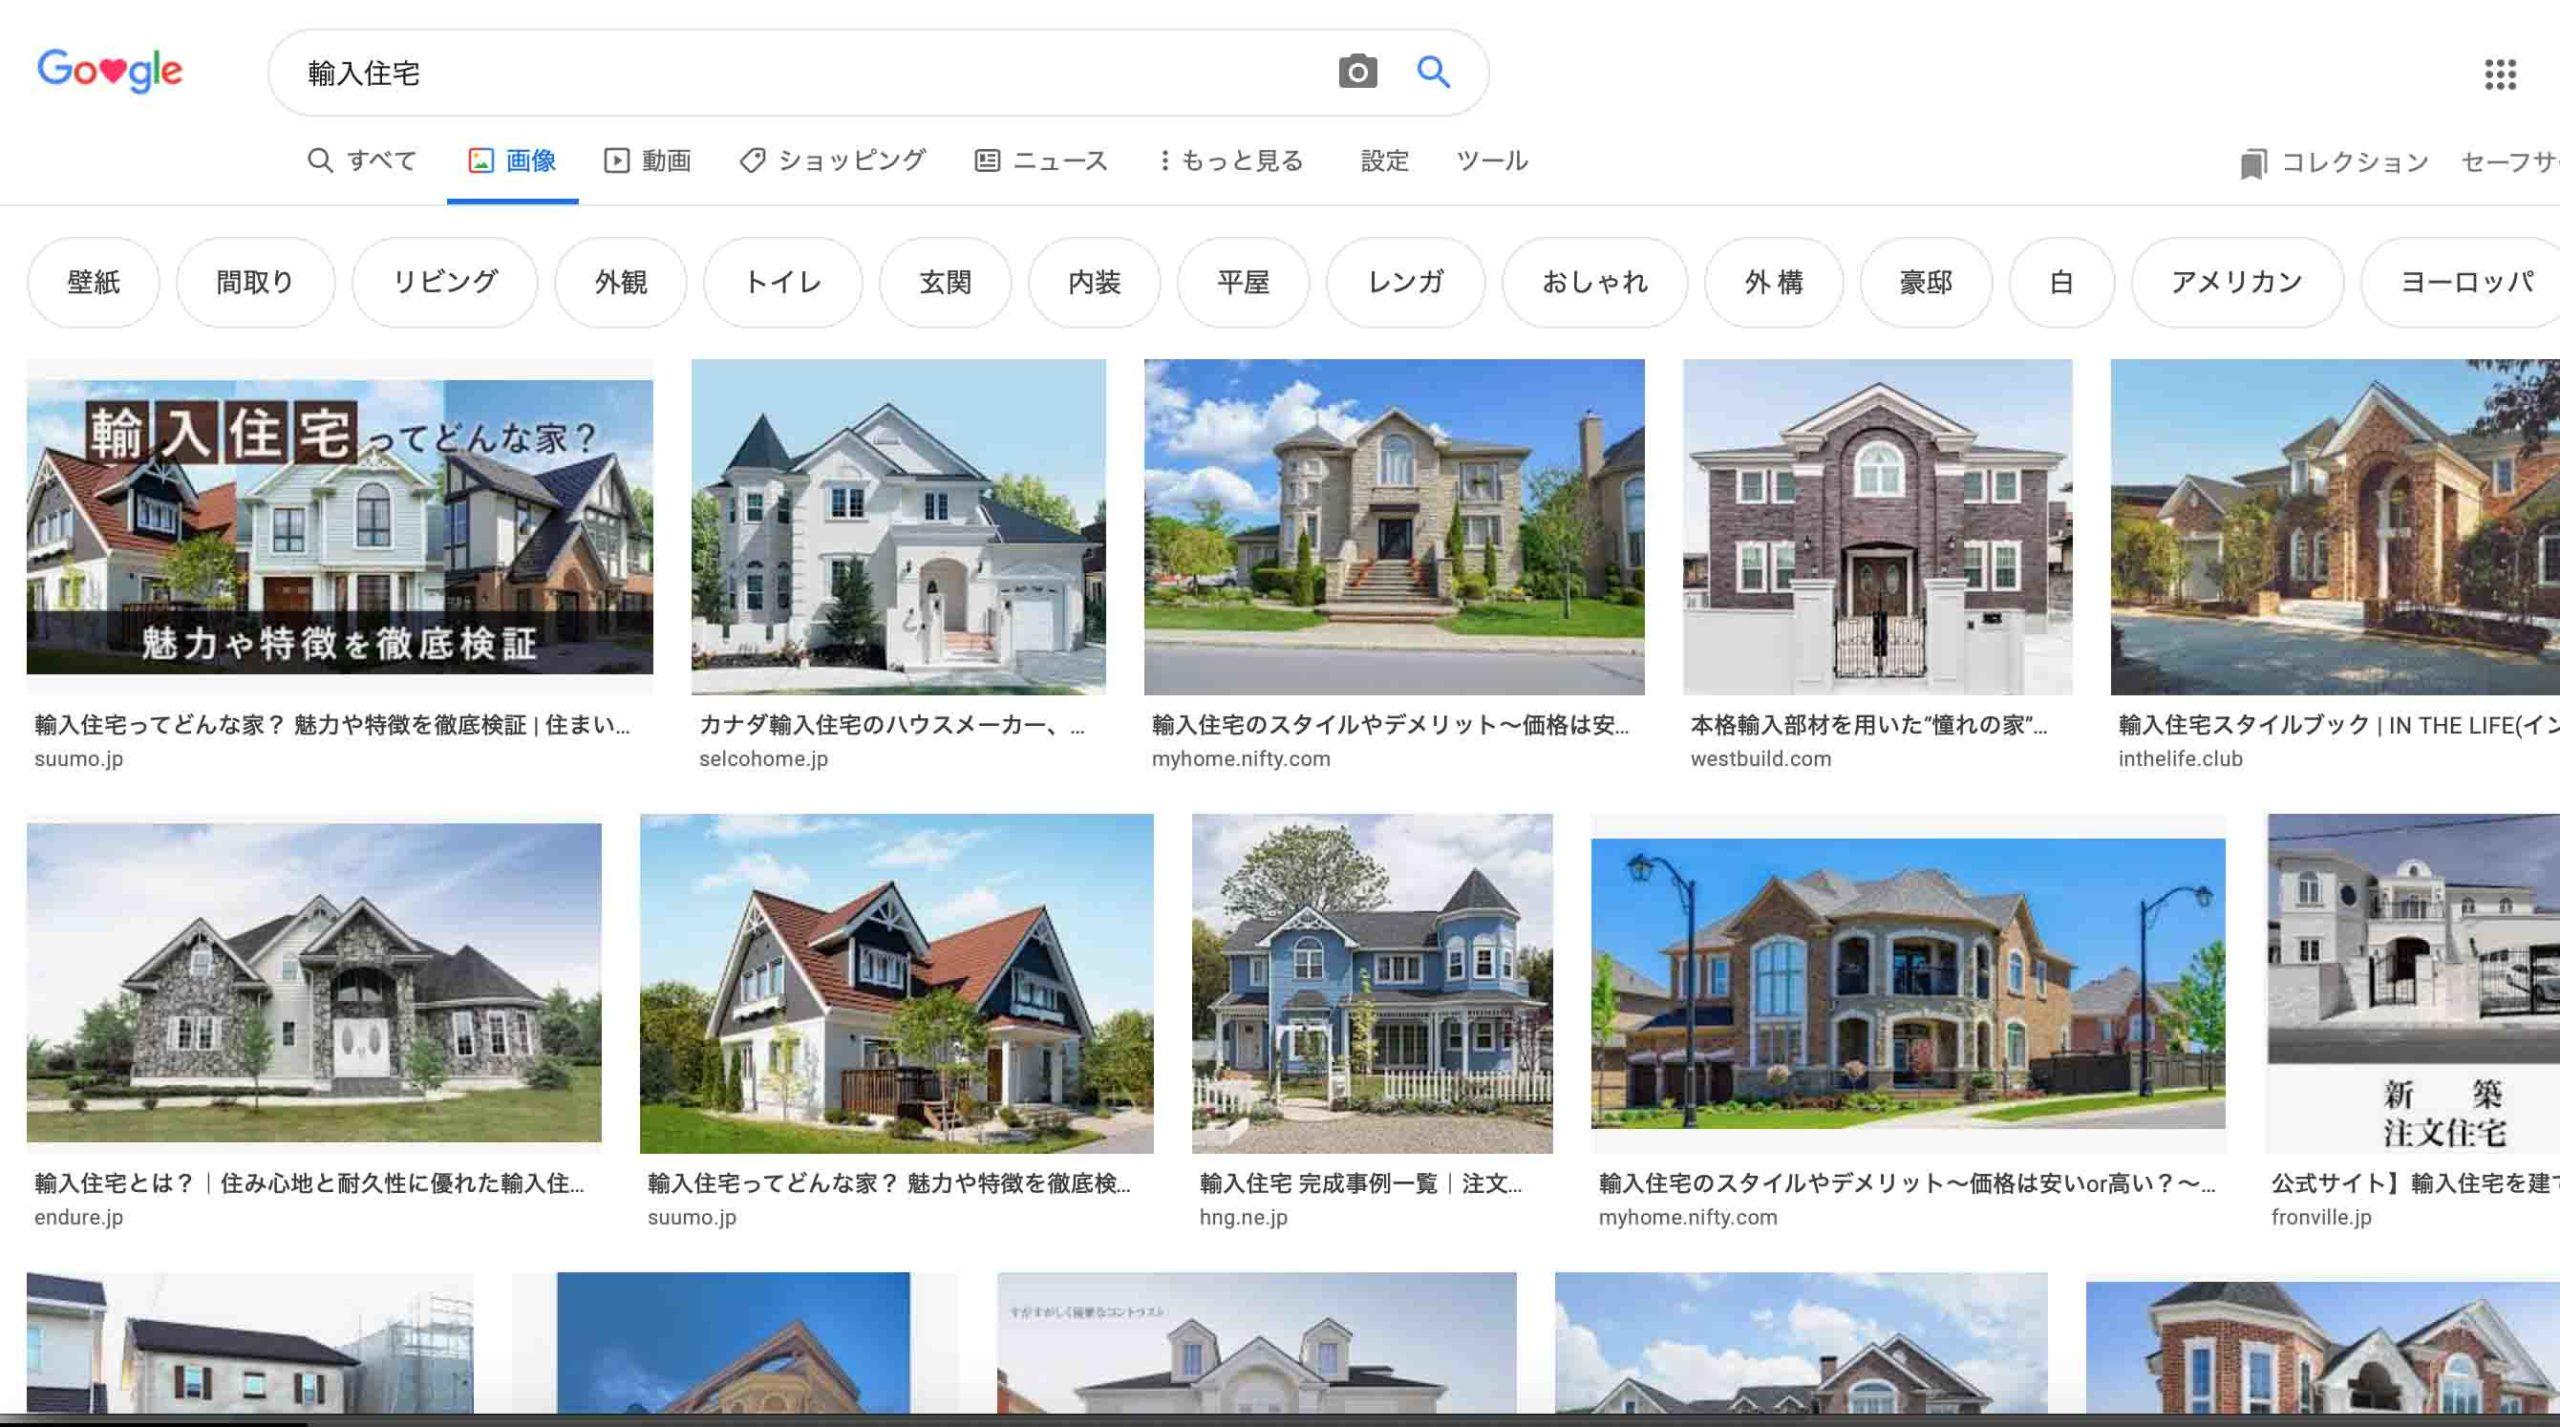 輸入住宅のイメージ